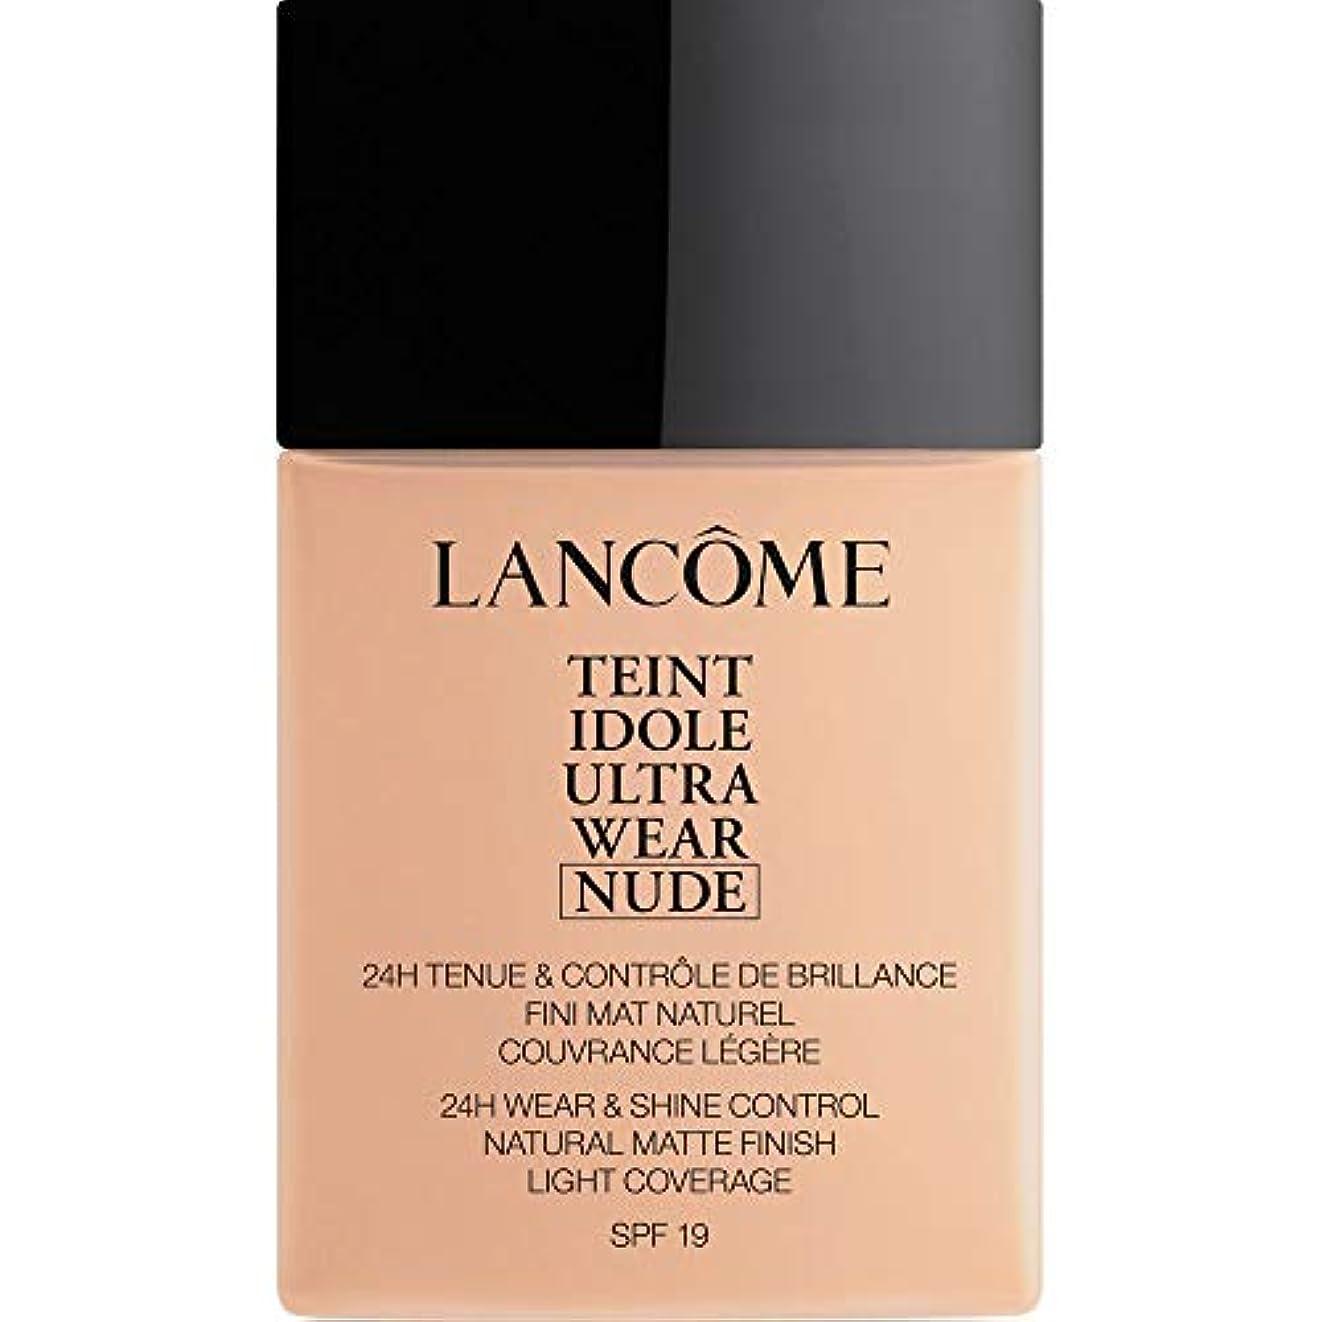 技術者気配りのある縮約[Lanc?me ] ランコムTeintのIdole超摩耗ヌード財団Spf19の40ミリリットル011 - ベージュCristallin - Lancome Teint Idole Ultra Wear Nude Foundation...